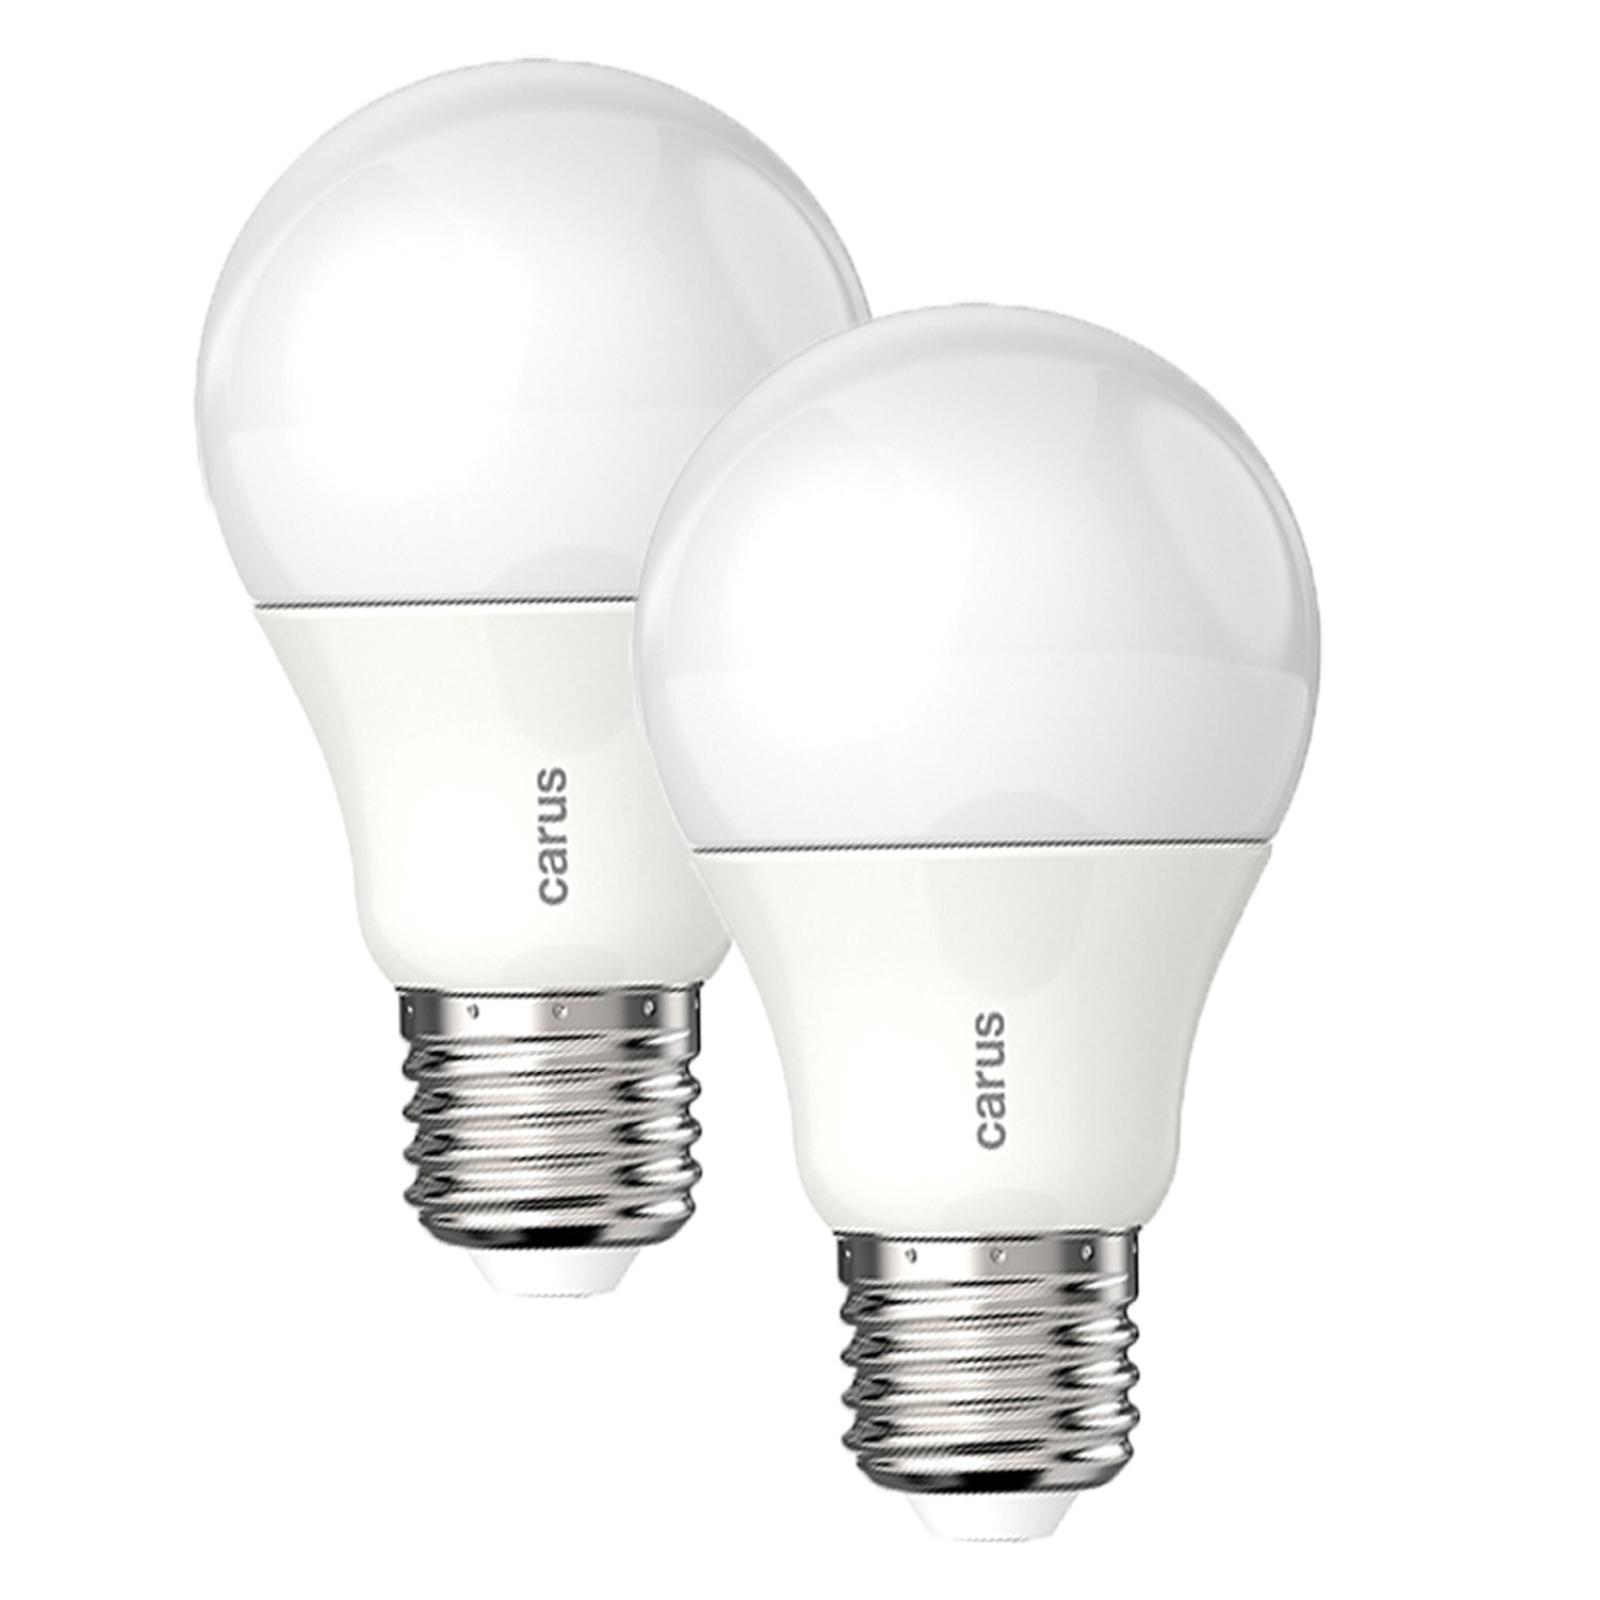 Led Tageslicht Leuchtmittel : carus tageslicht led lampe matt e27 8 6w 48w 600 lm 4500k dimmable germany 2er ebay ~ Watch28wear.com Haus und Dekorationen